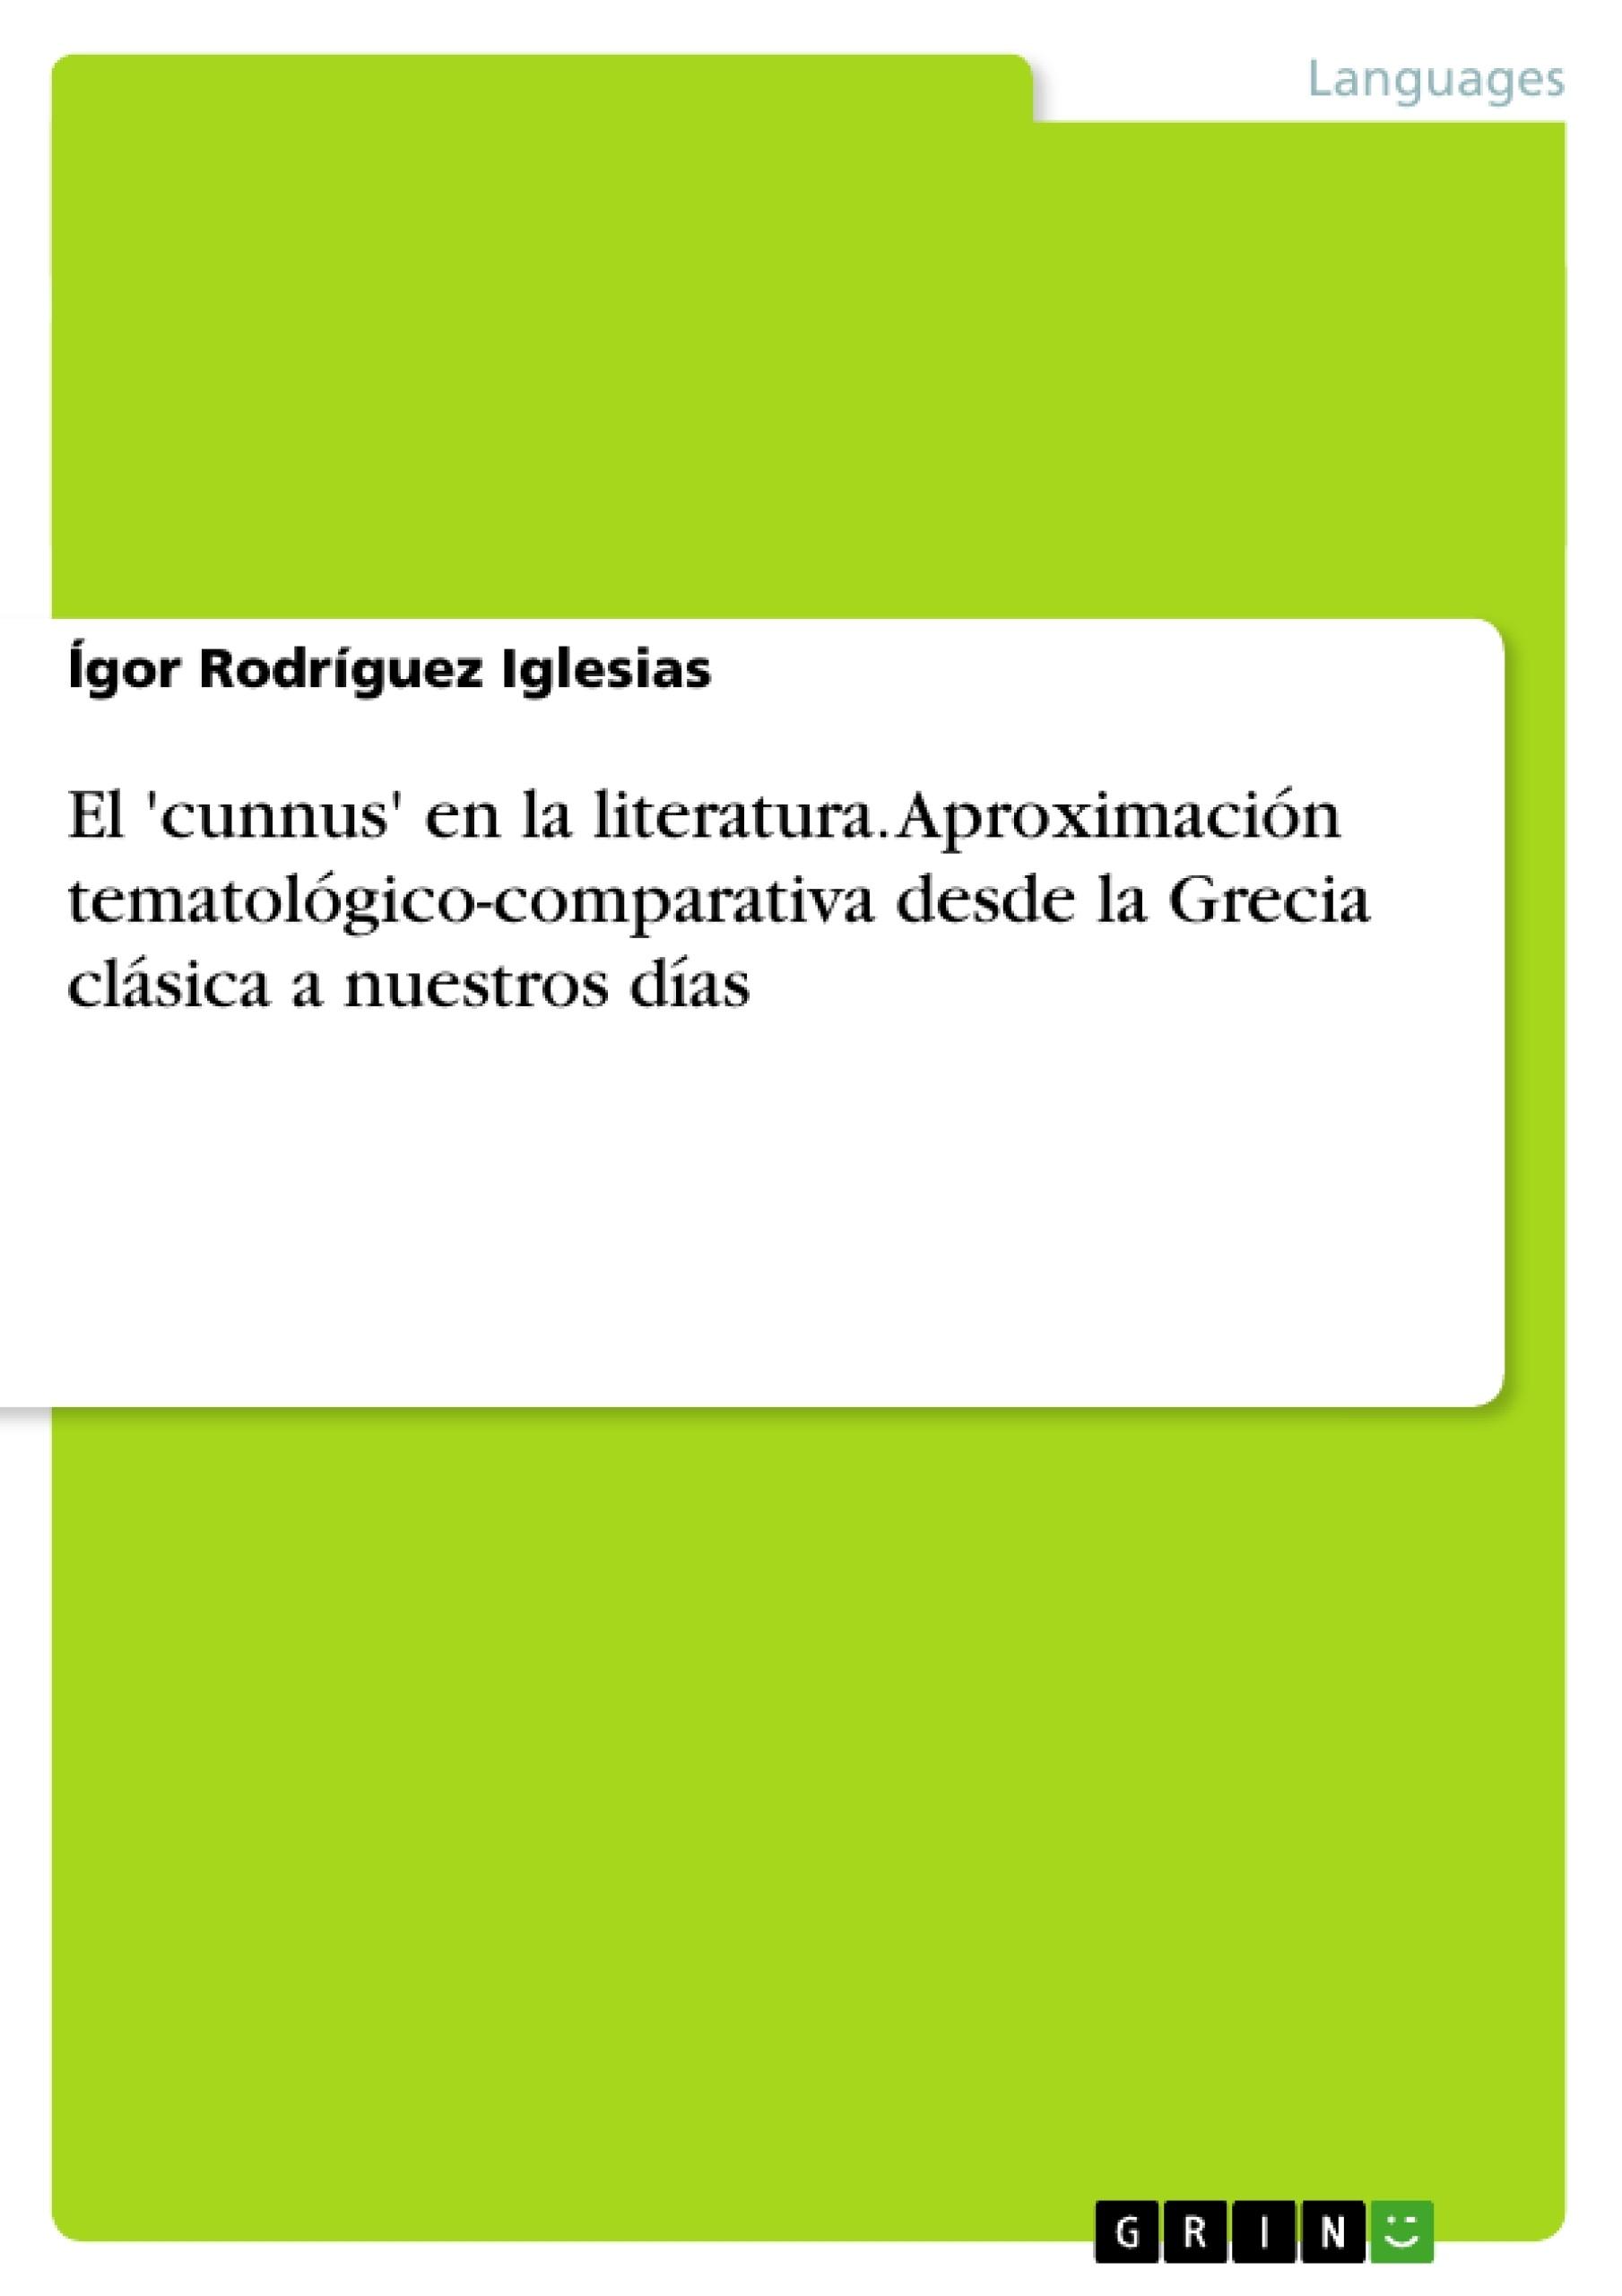 Título: El 'cunnus' en la literatura. Aproximación tematológico-comparativa desde la Grecia clásica a nuestros días